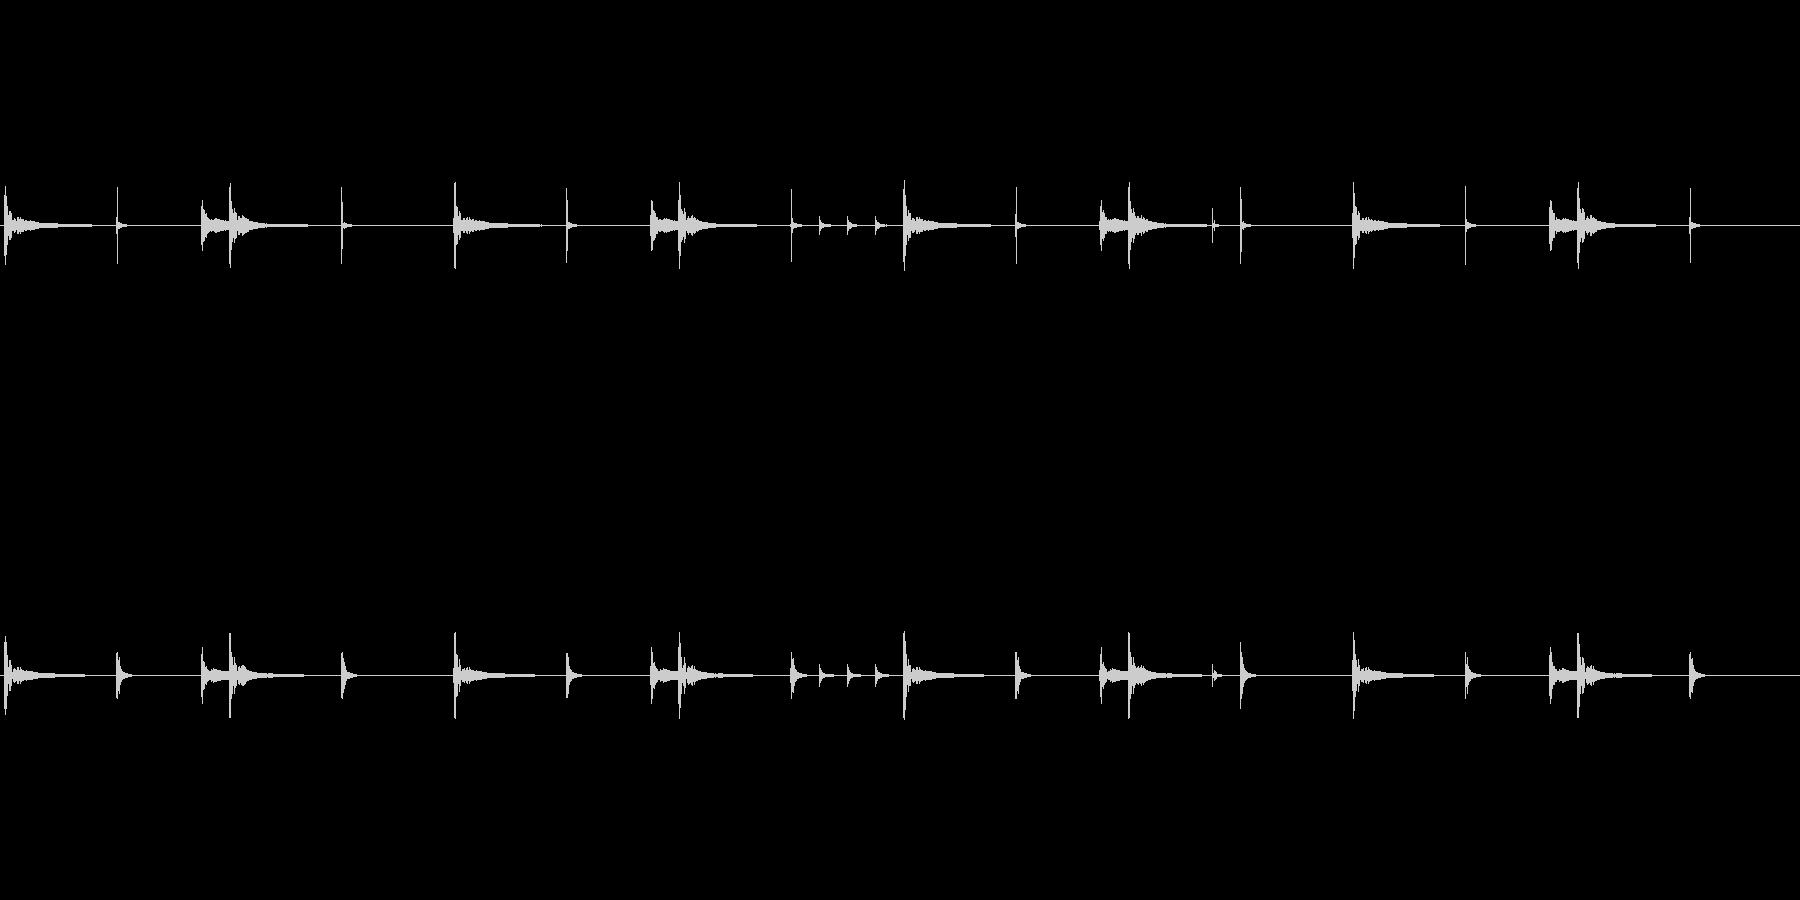 和太鼓のリバーブなしループ音源です。歴…の未再生の波形